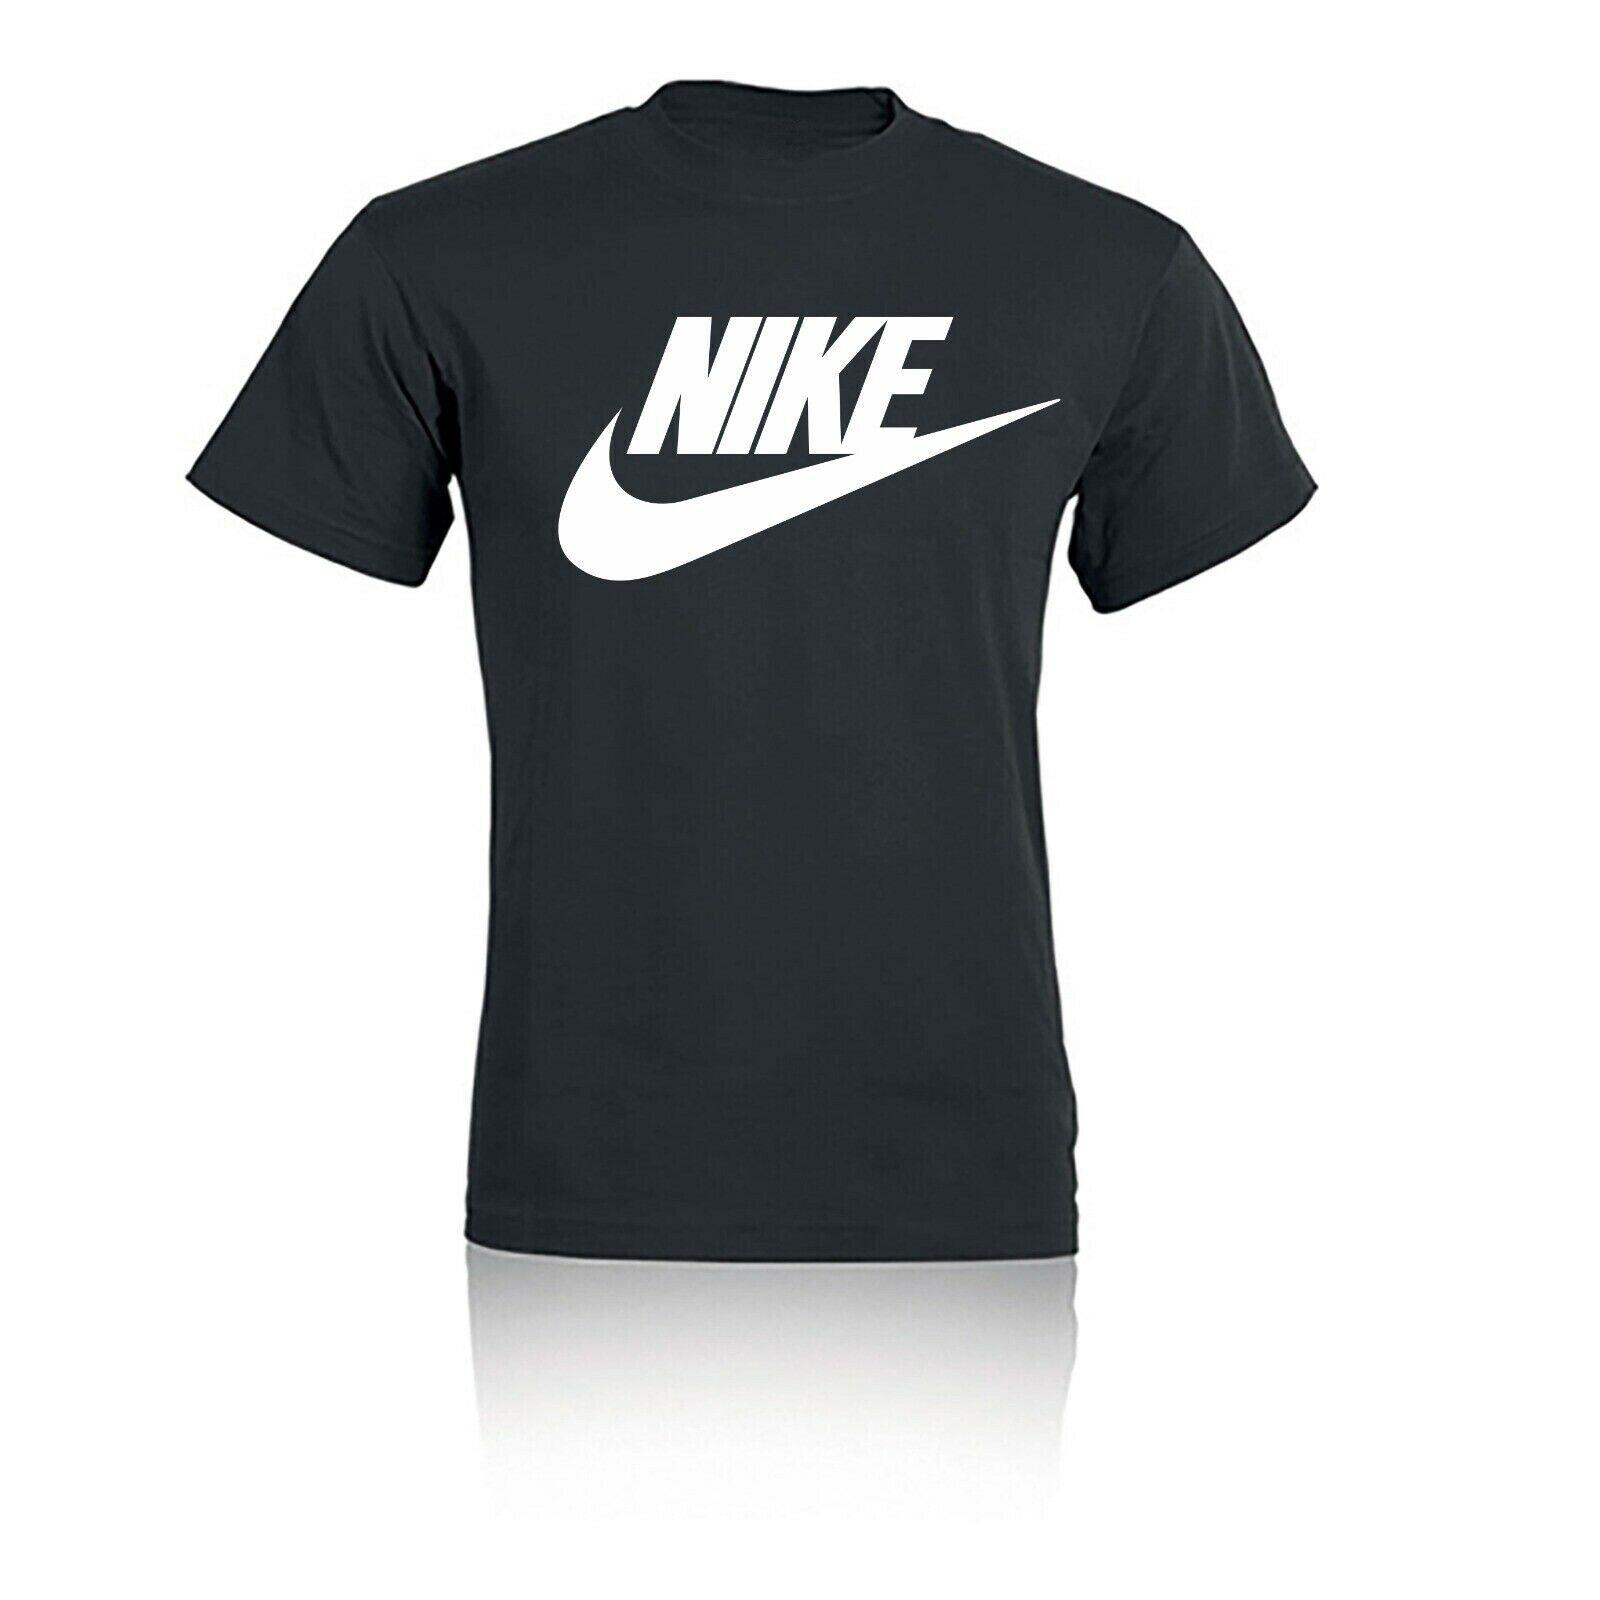 Riflessione Ragno servitore  T Shirt Maglietta Uomo donna NIKE Logo stampato Cotone 100% estate 2020 -  Shopping.com